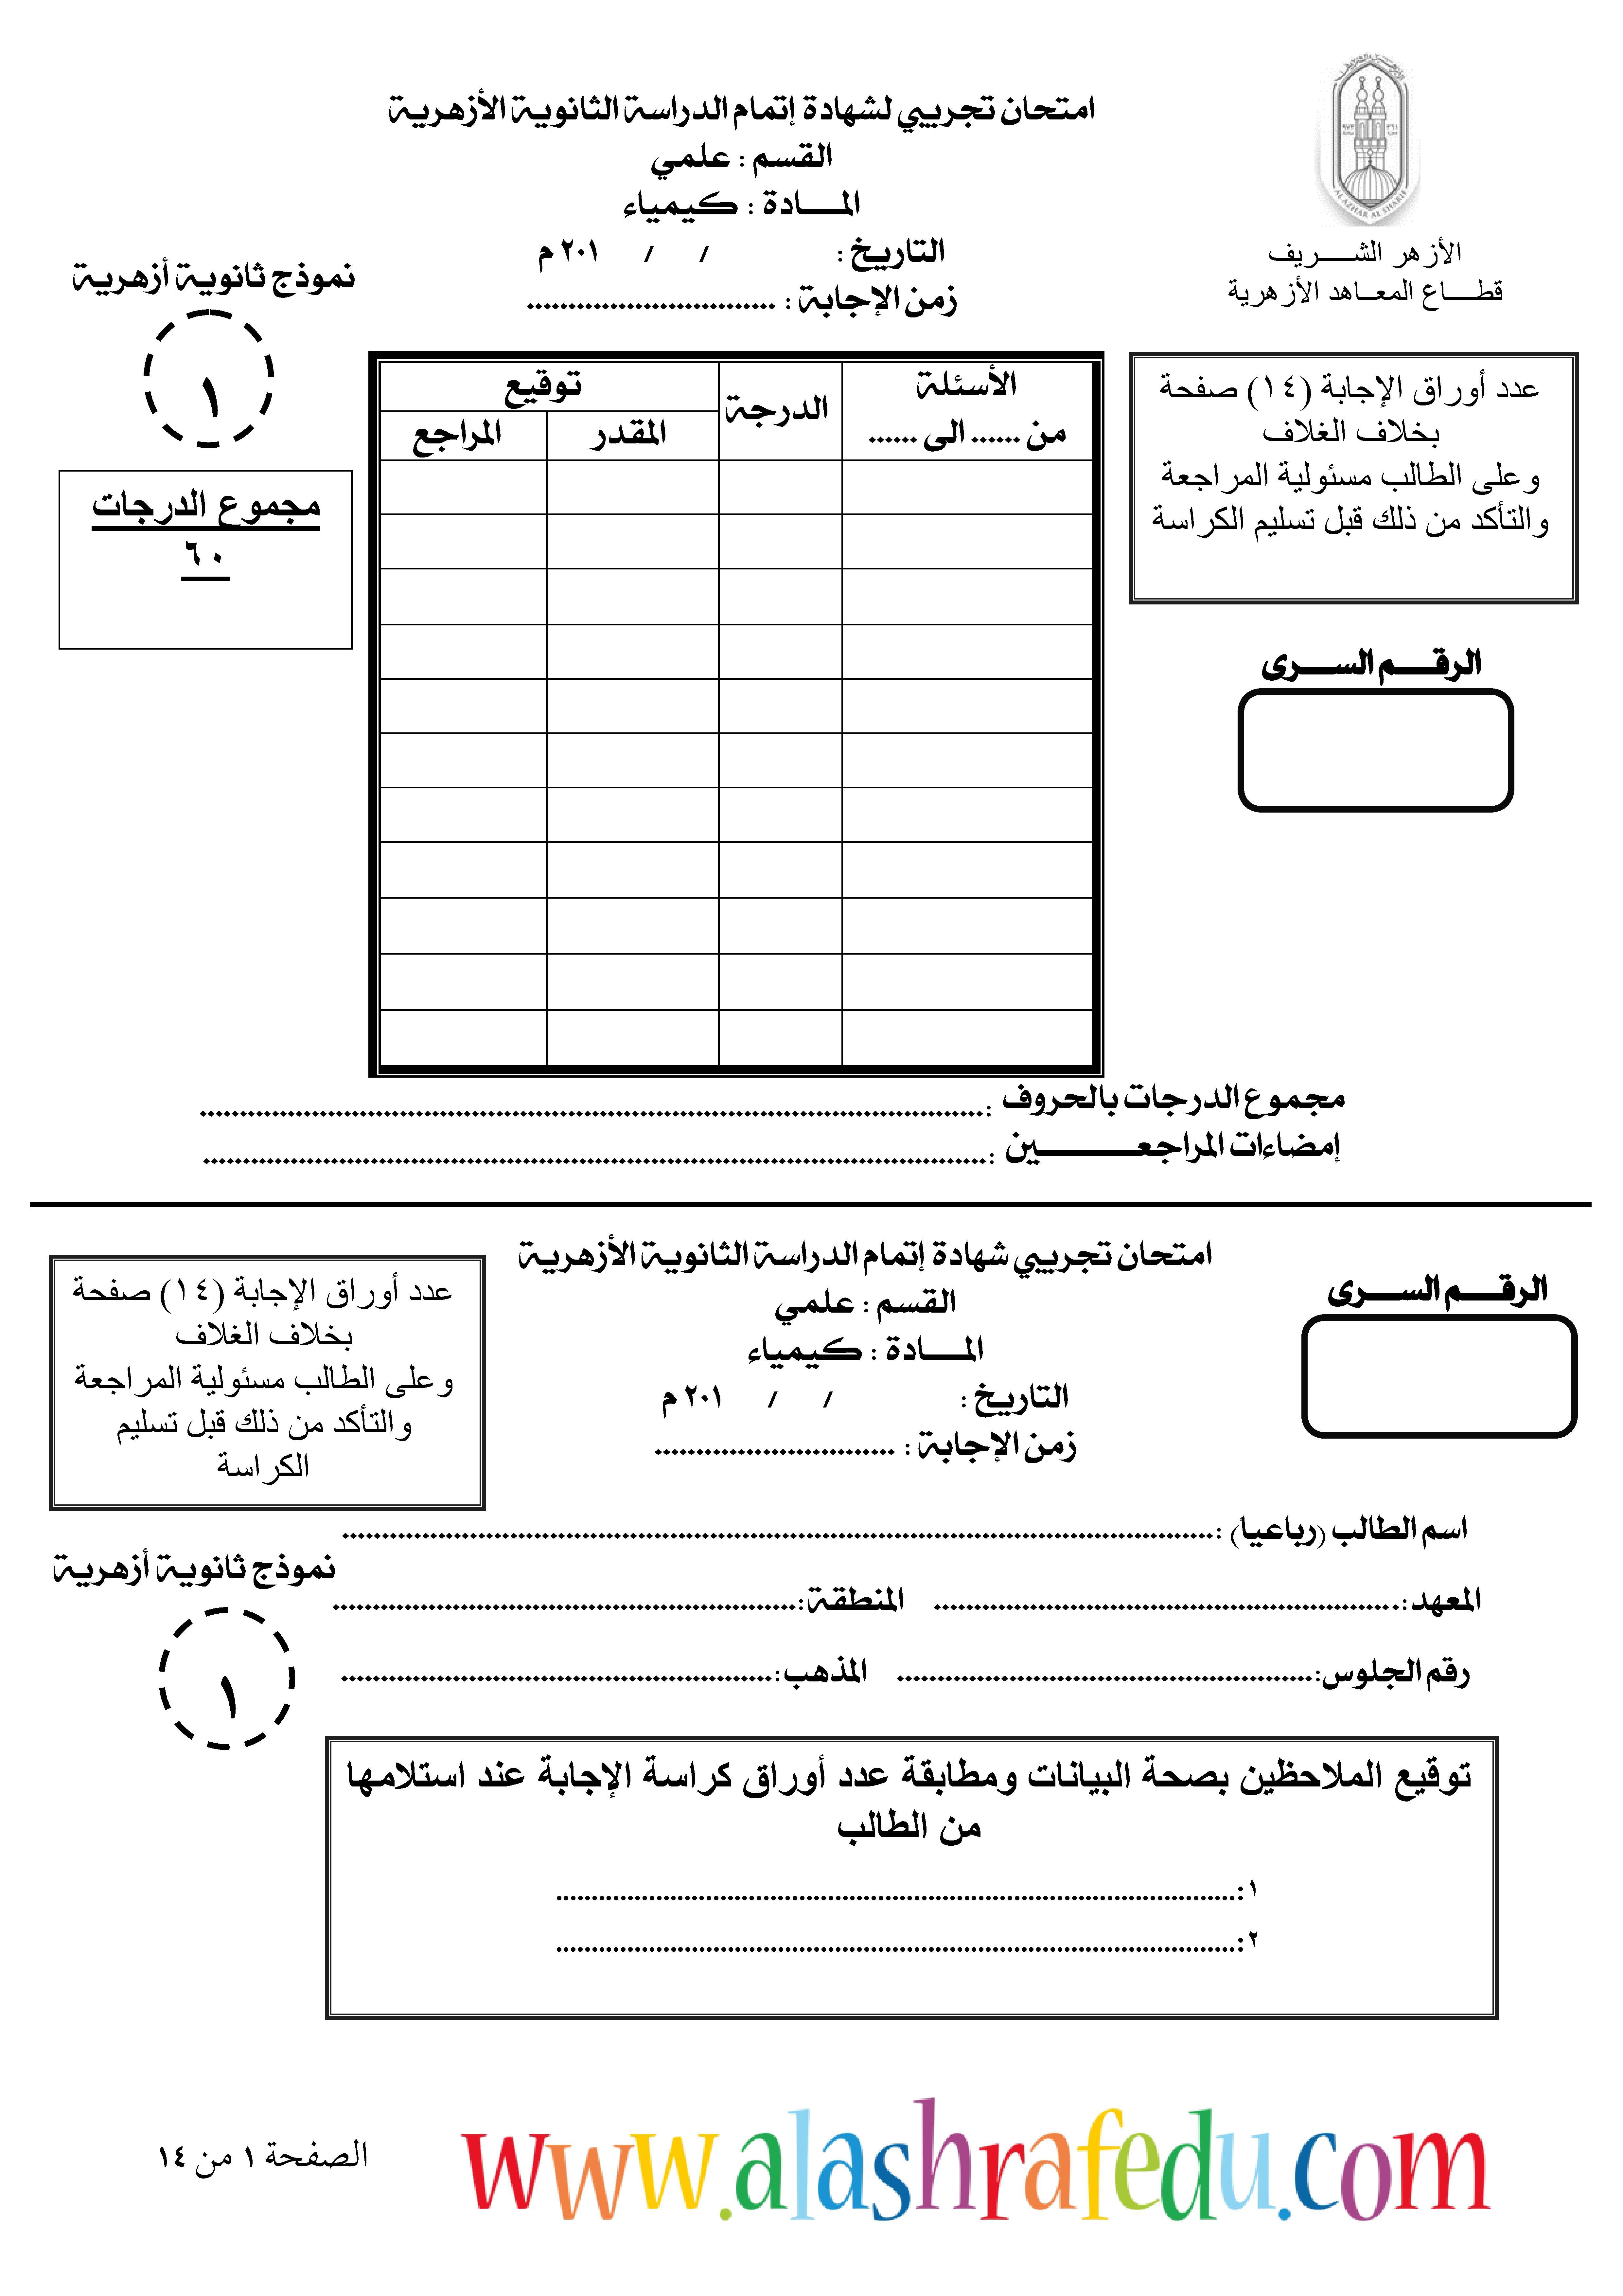 نموذج بوكليت إسترشادى كيمياء الإمتحان الإجابه 2019 الشهاده الثانويه الأزهريه www.alashrafedu.com1